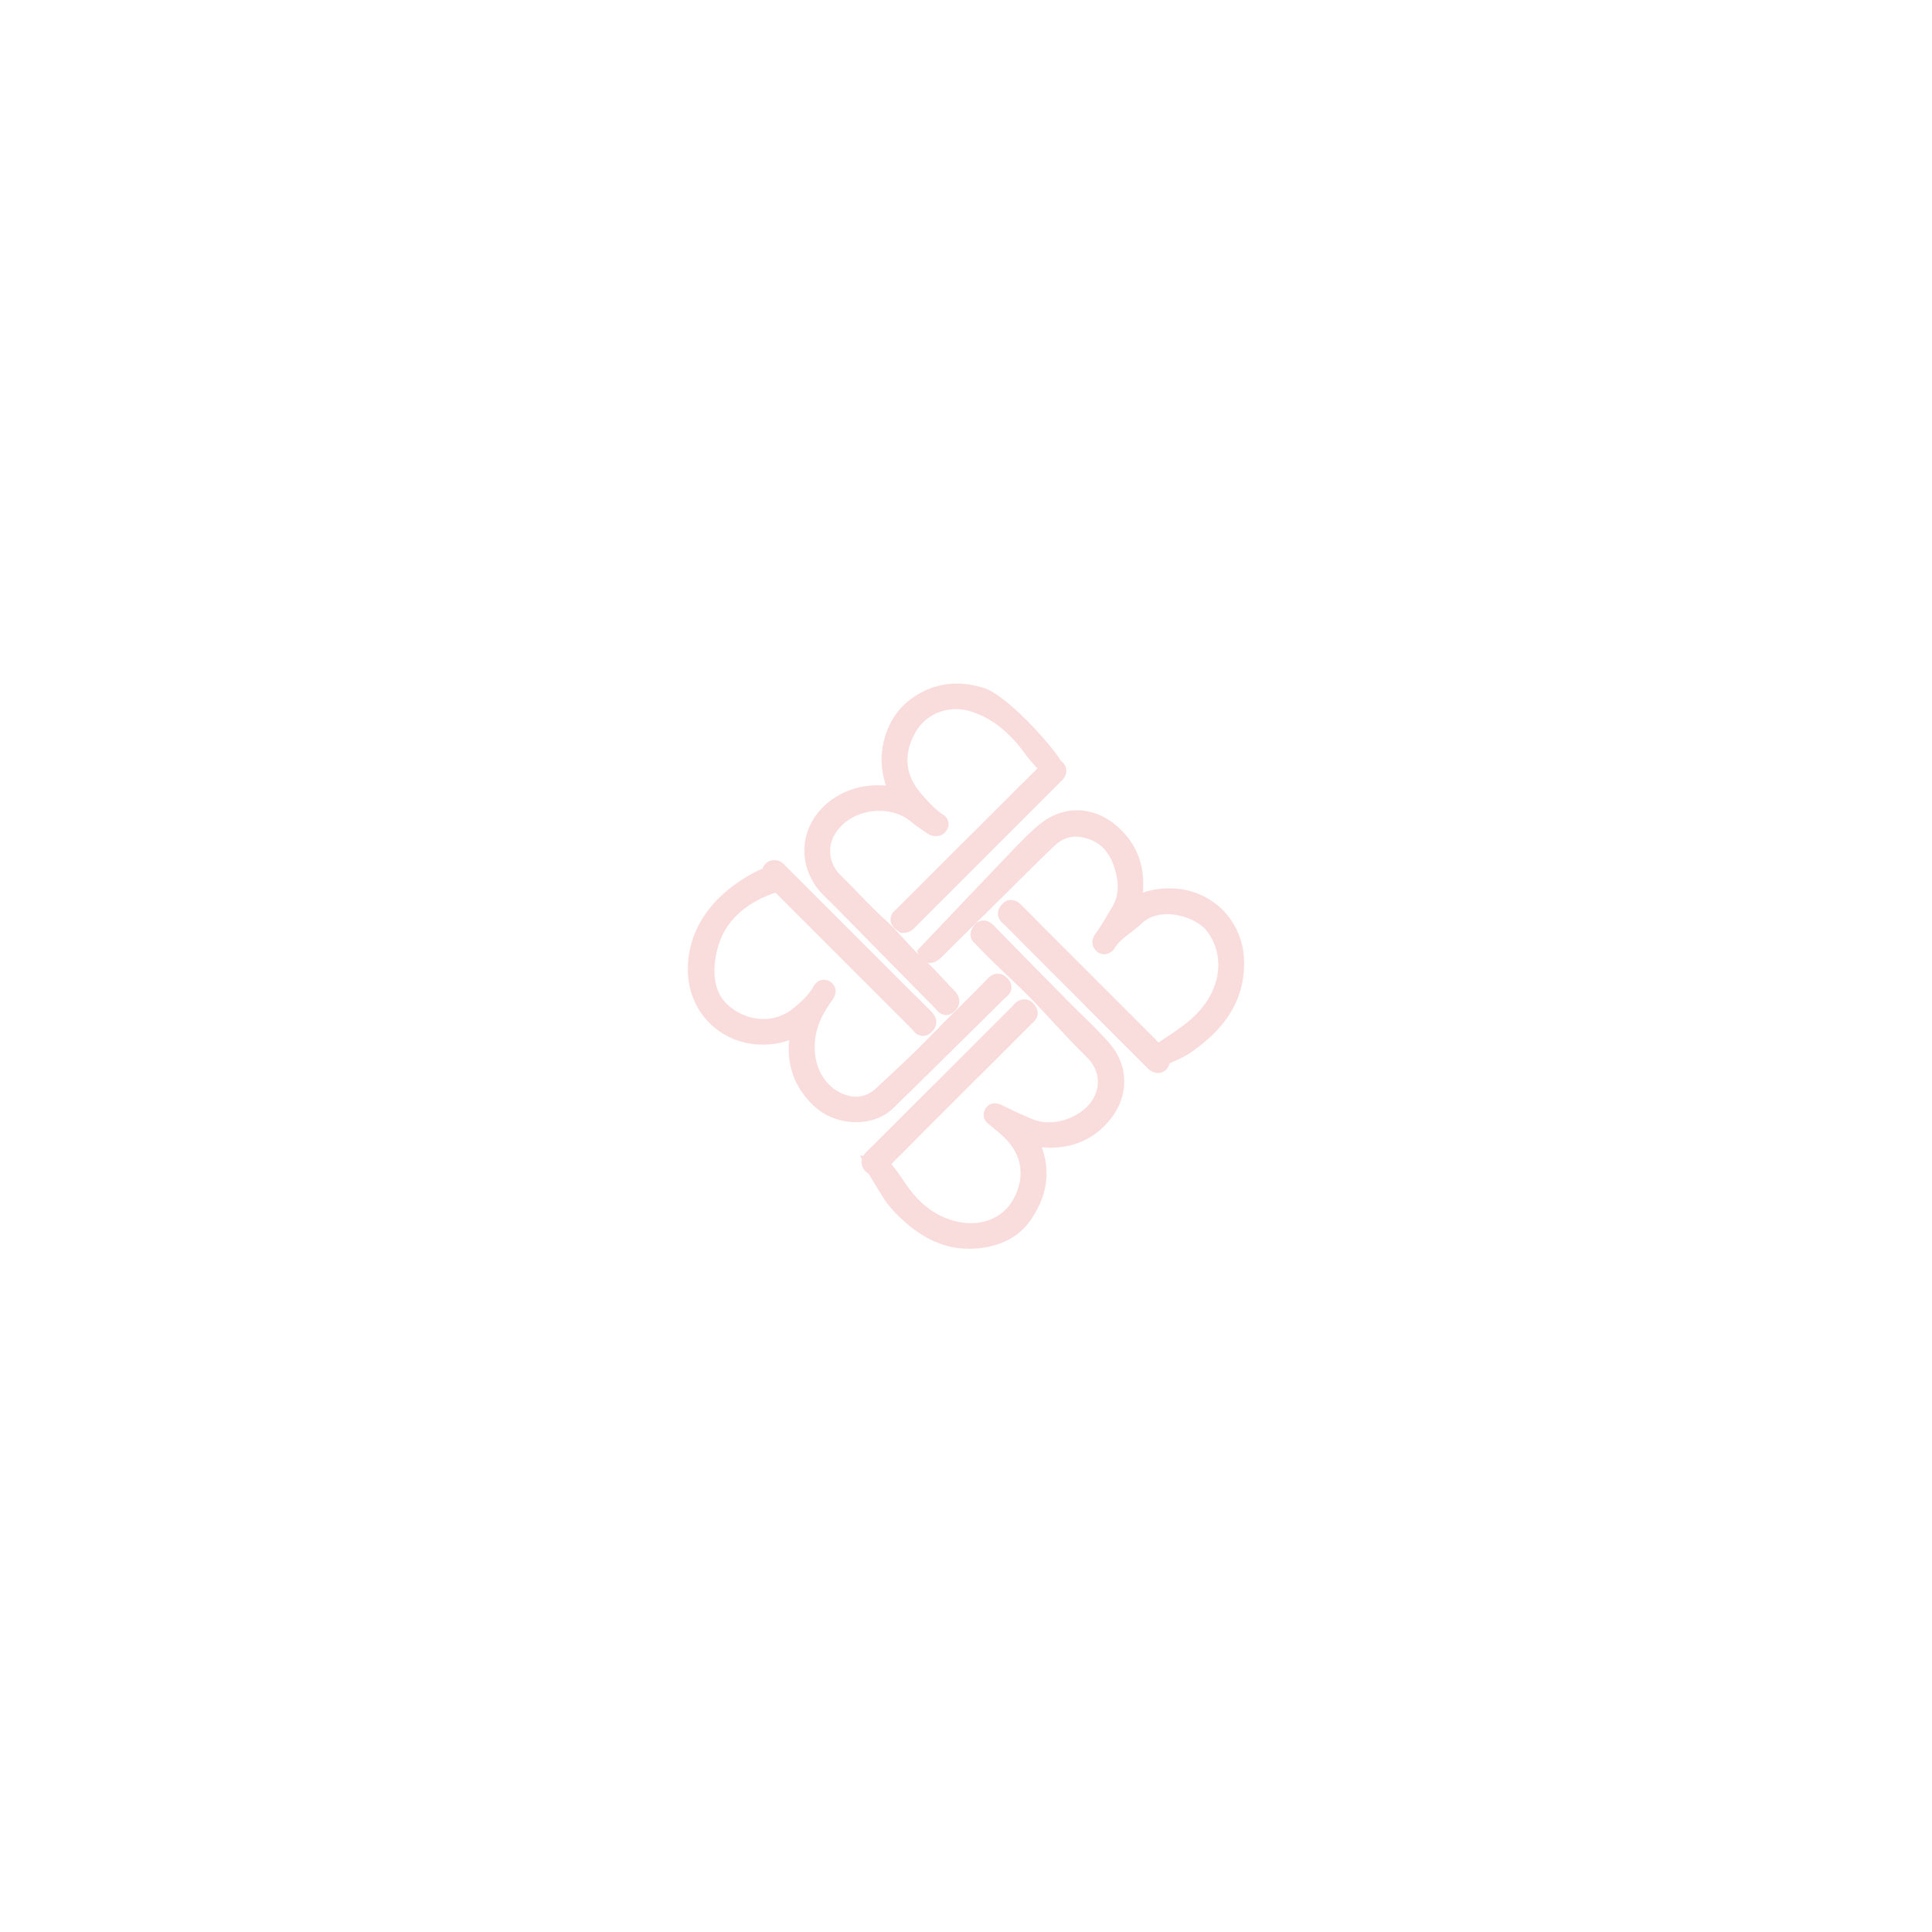 Plain Blush Emblem - for social feed copy.jpg